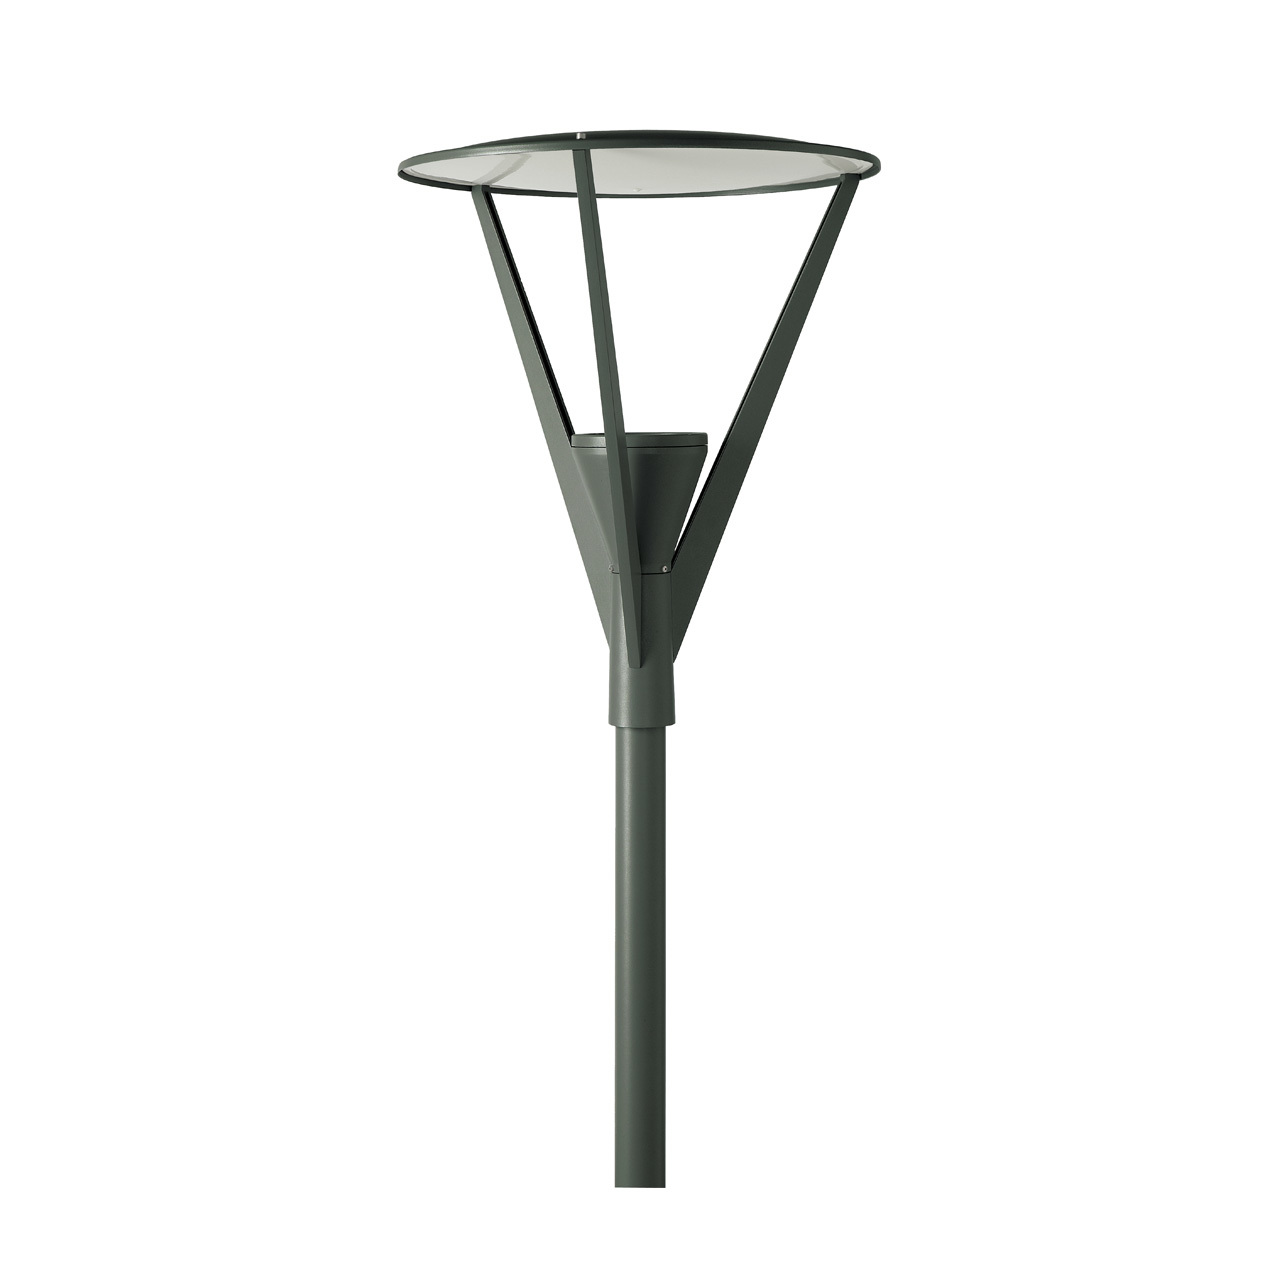 Lampa na słup NICE 777GR -Norlys  SPRAWDŹ RABATY  5-10-15-20 % w koszyku